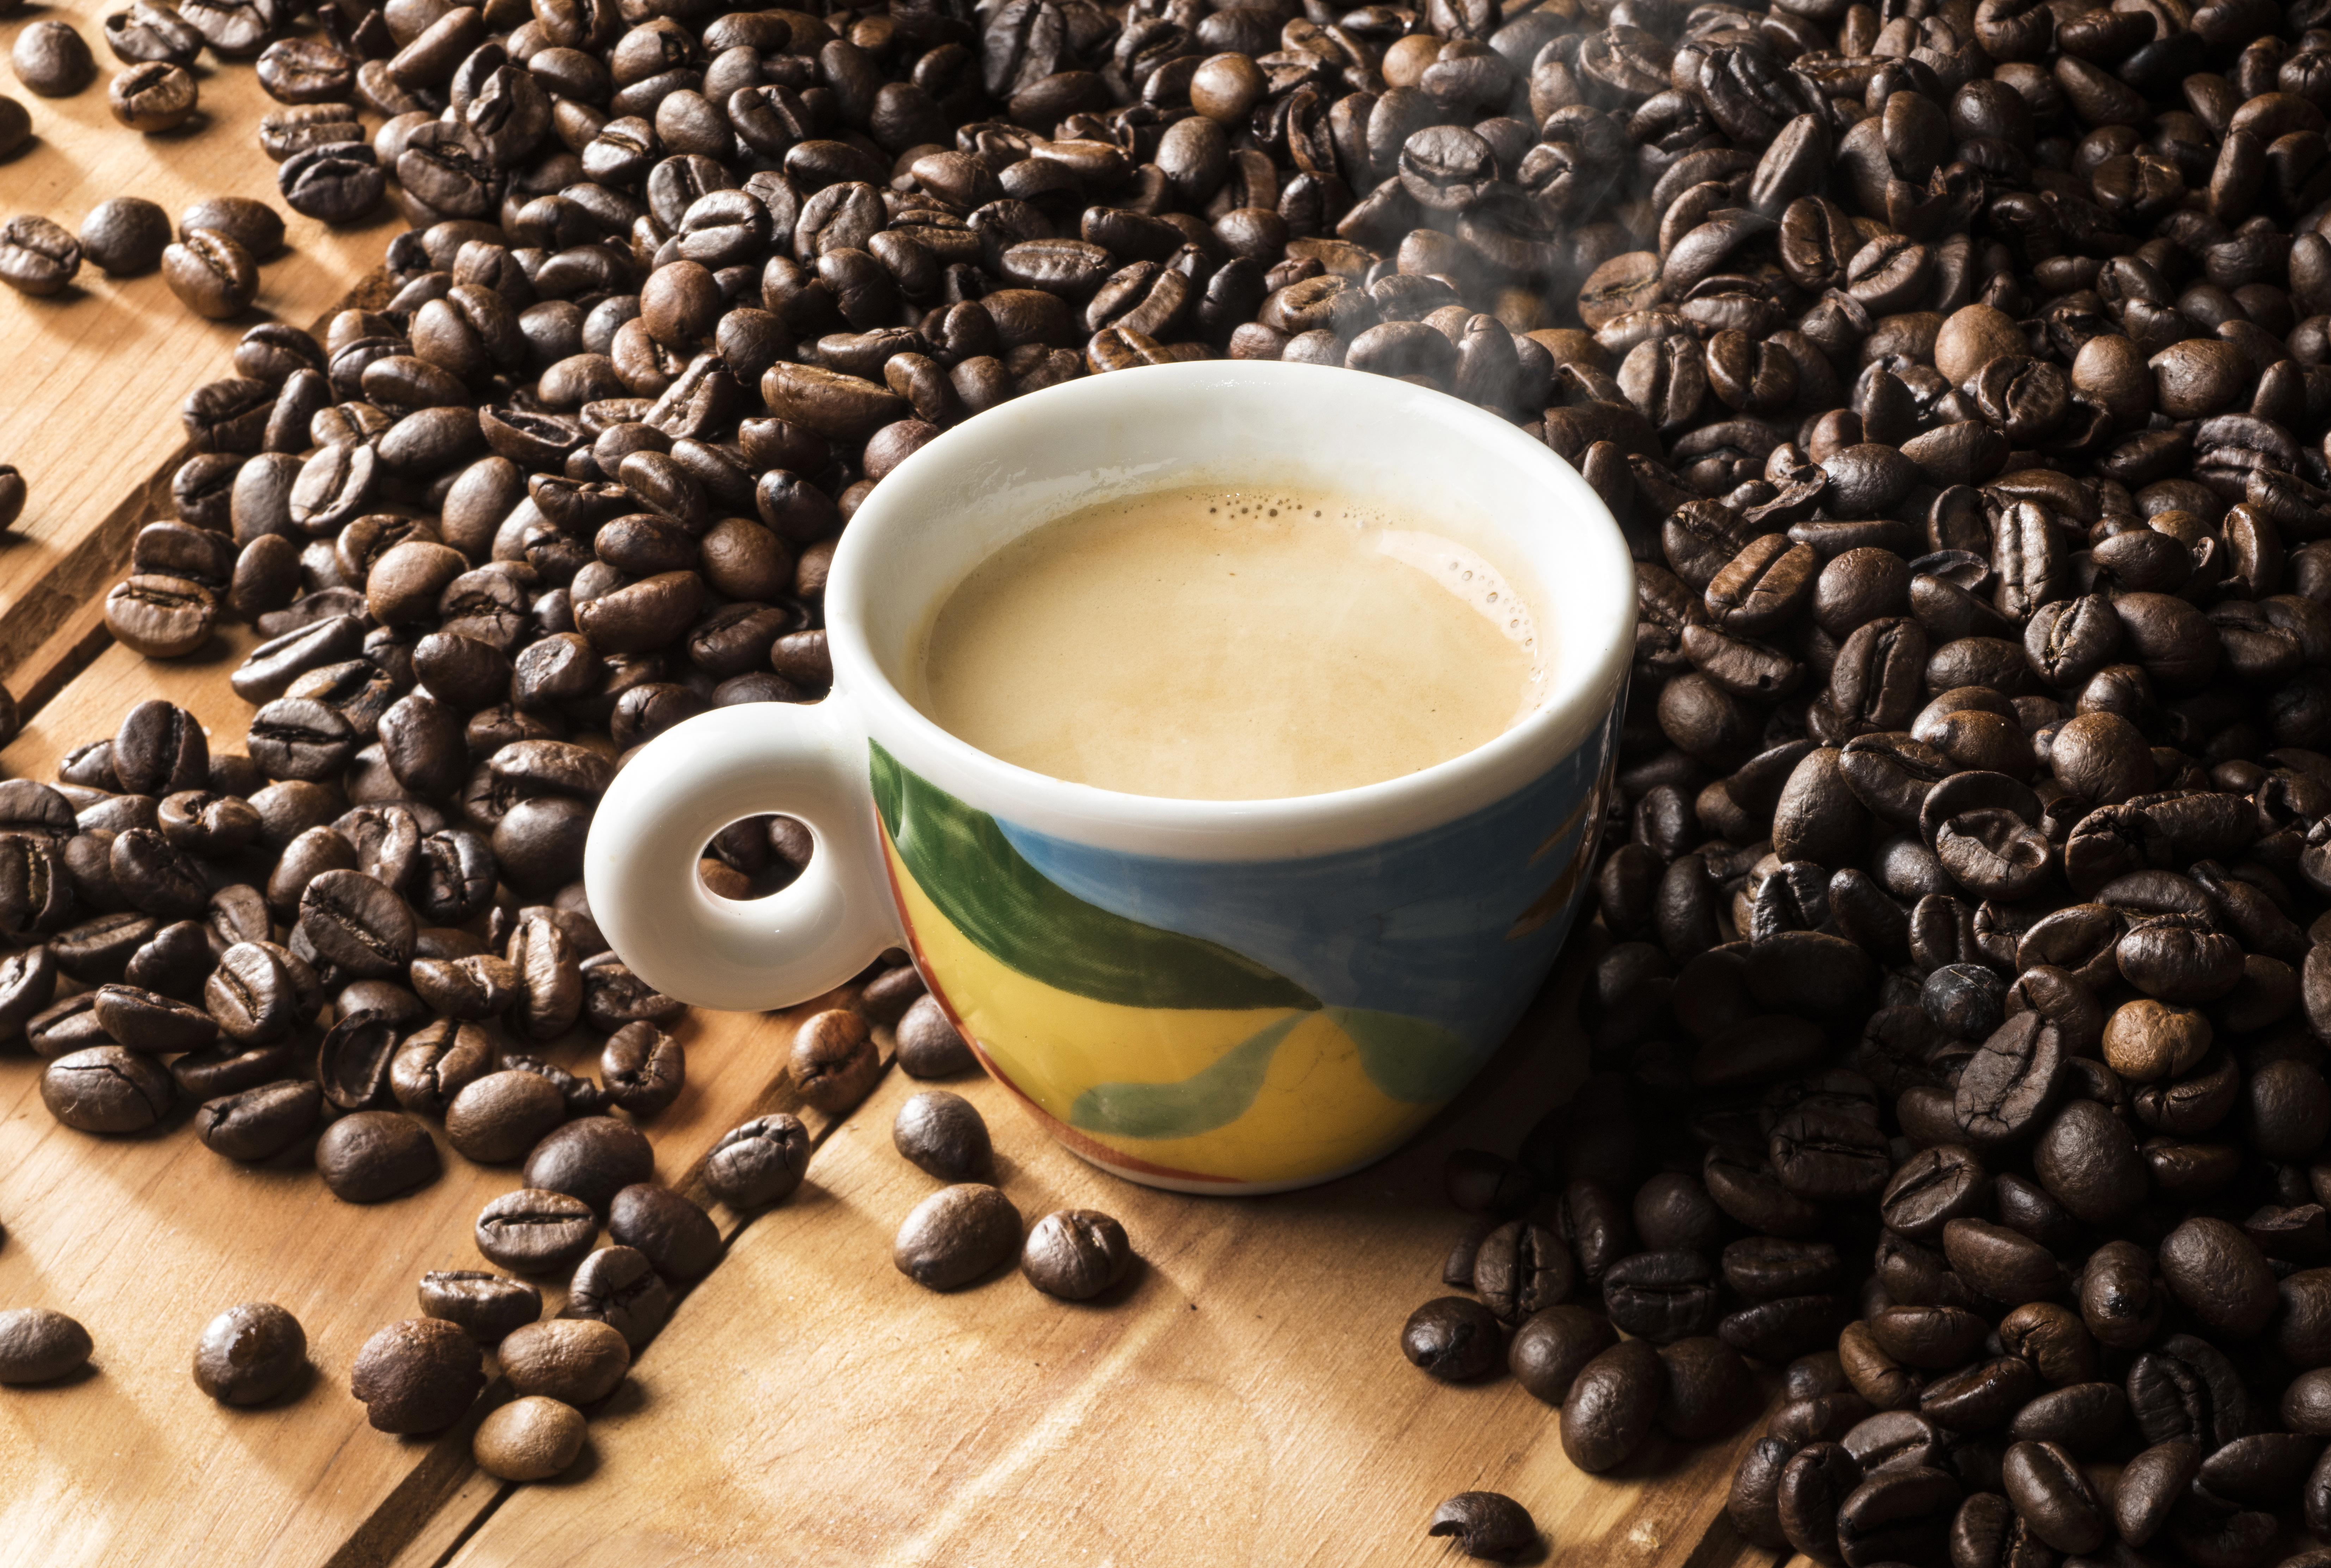 фотографии с кофе большого размера сравнению обычной